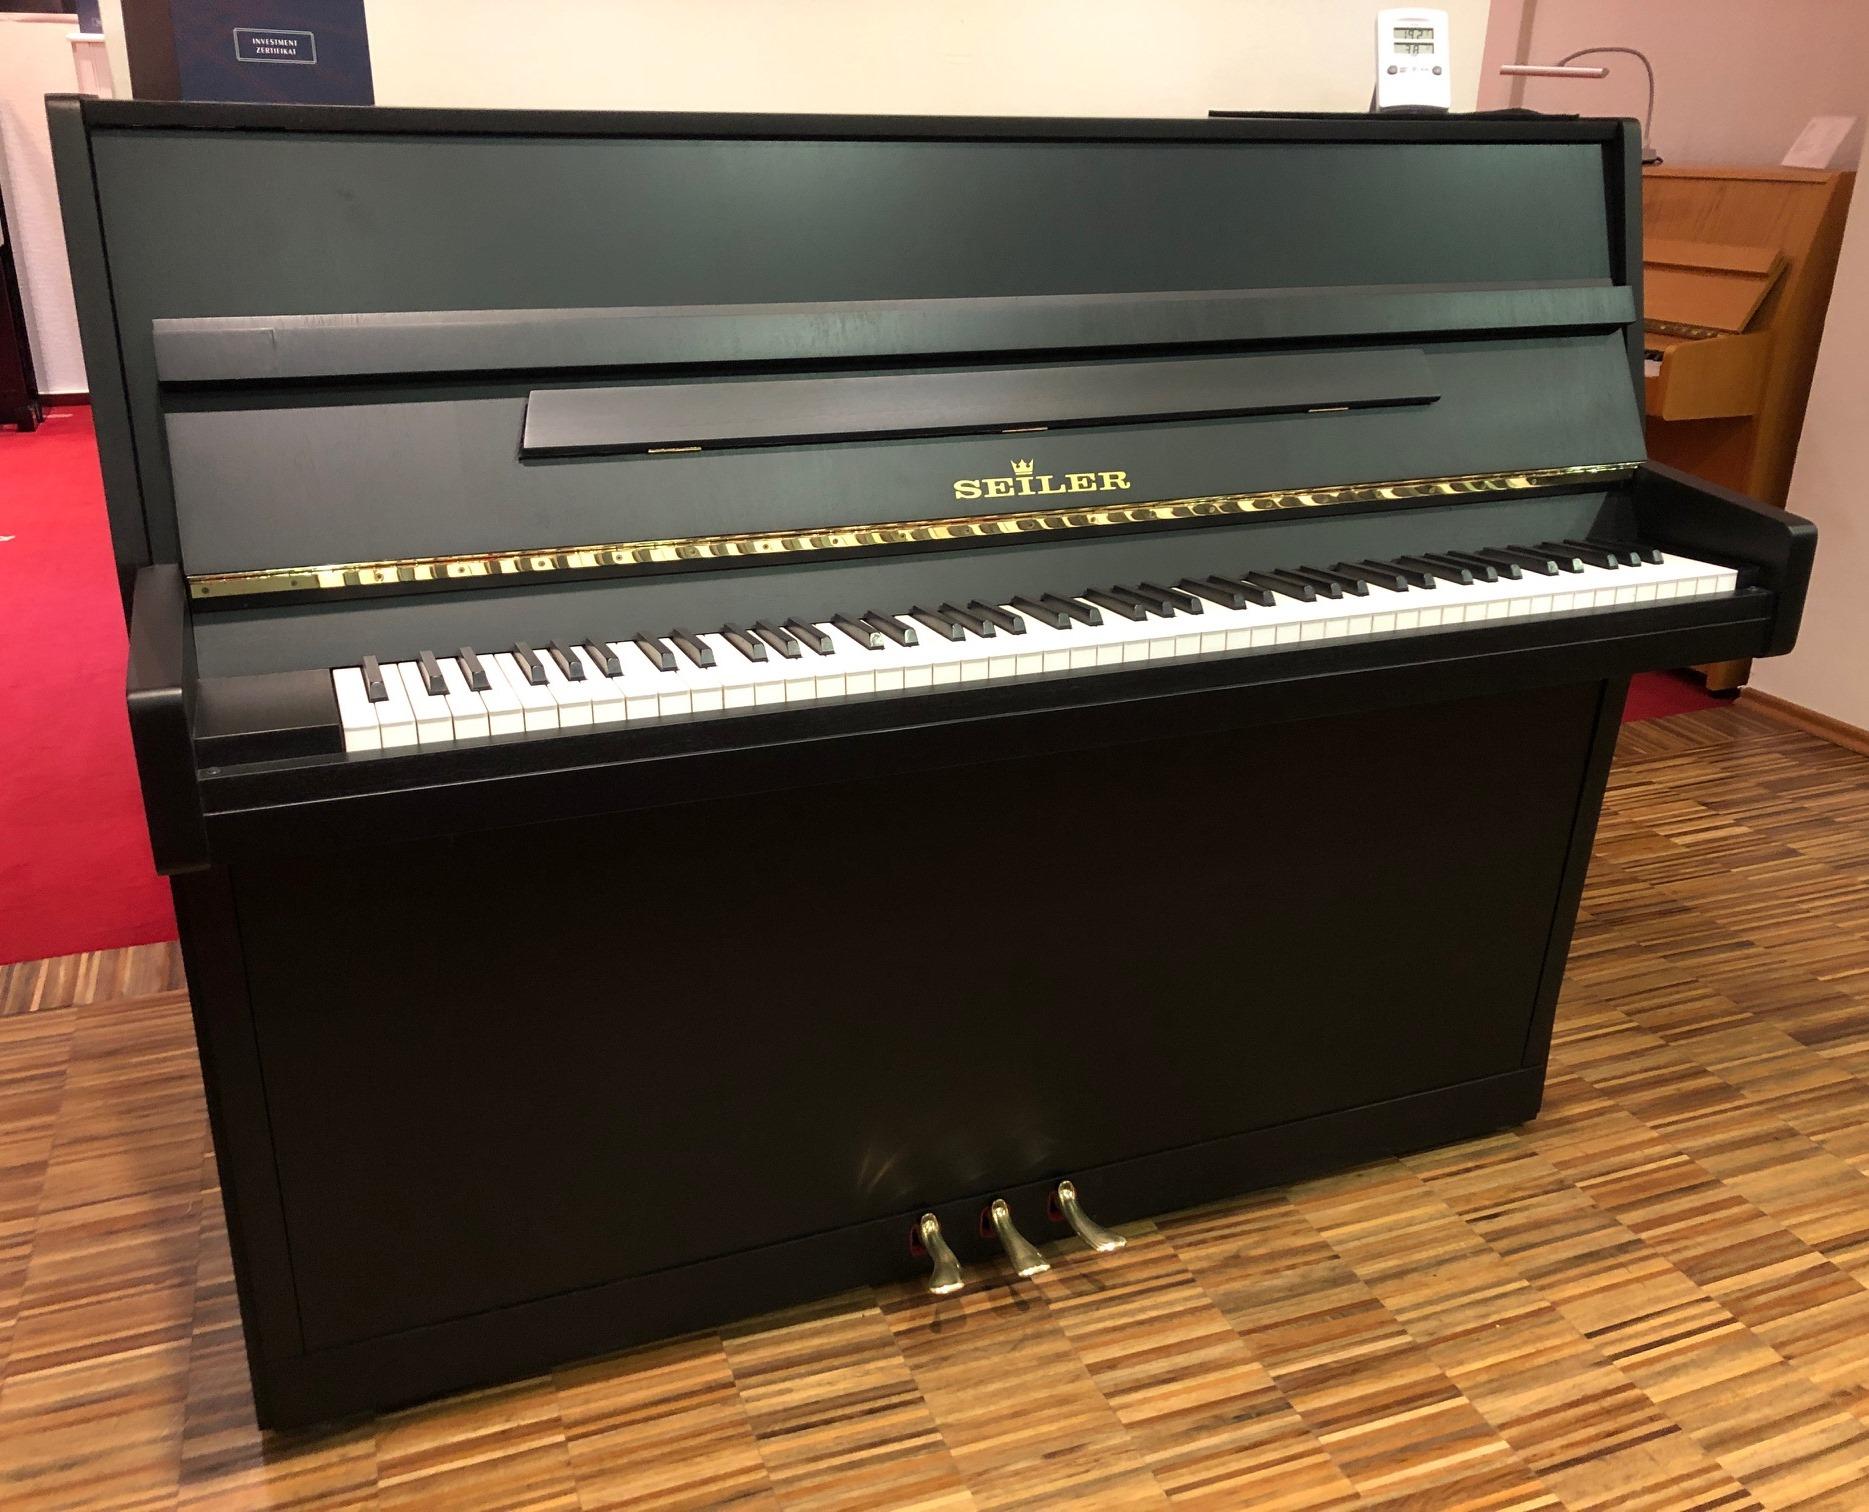 Seiler Klavier<br/>Gebraucht<br/>In Arbeit